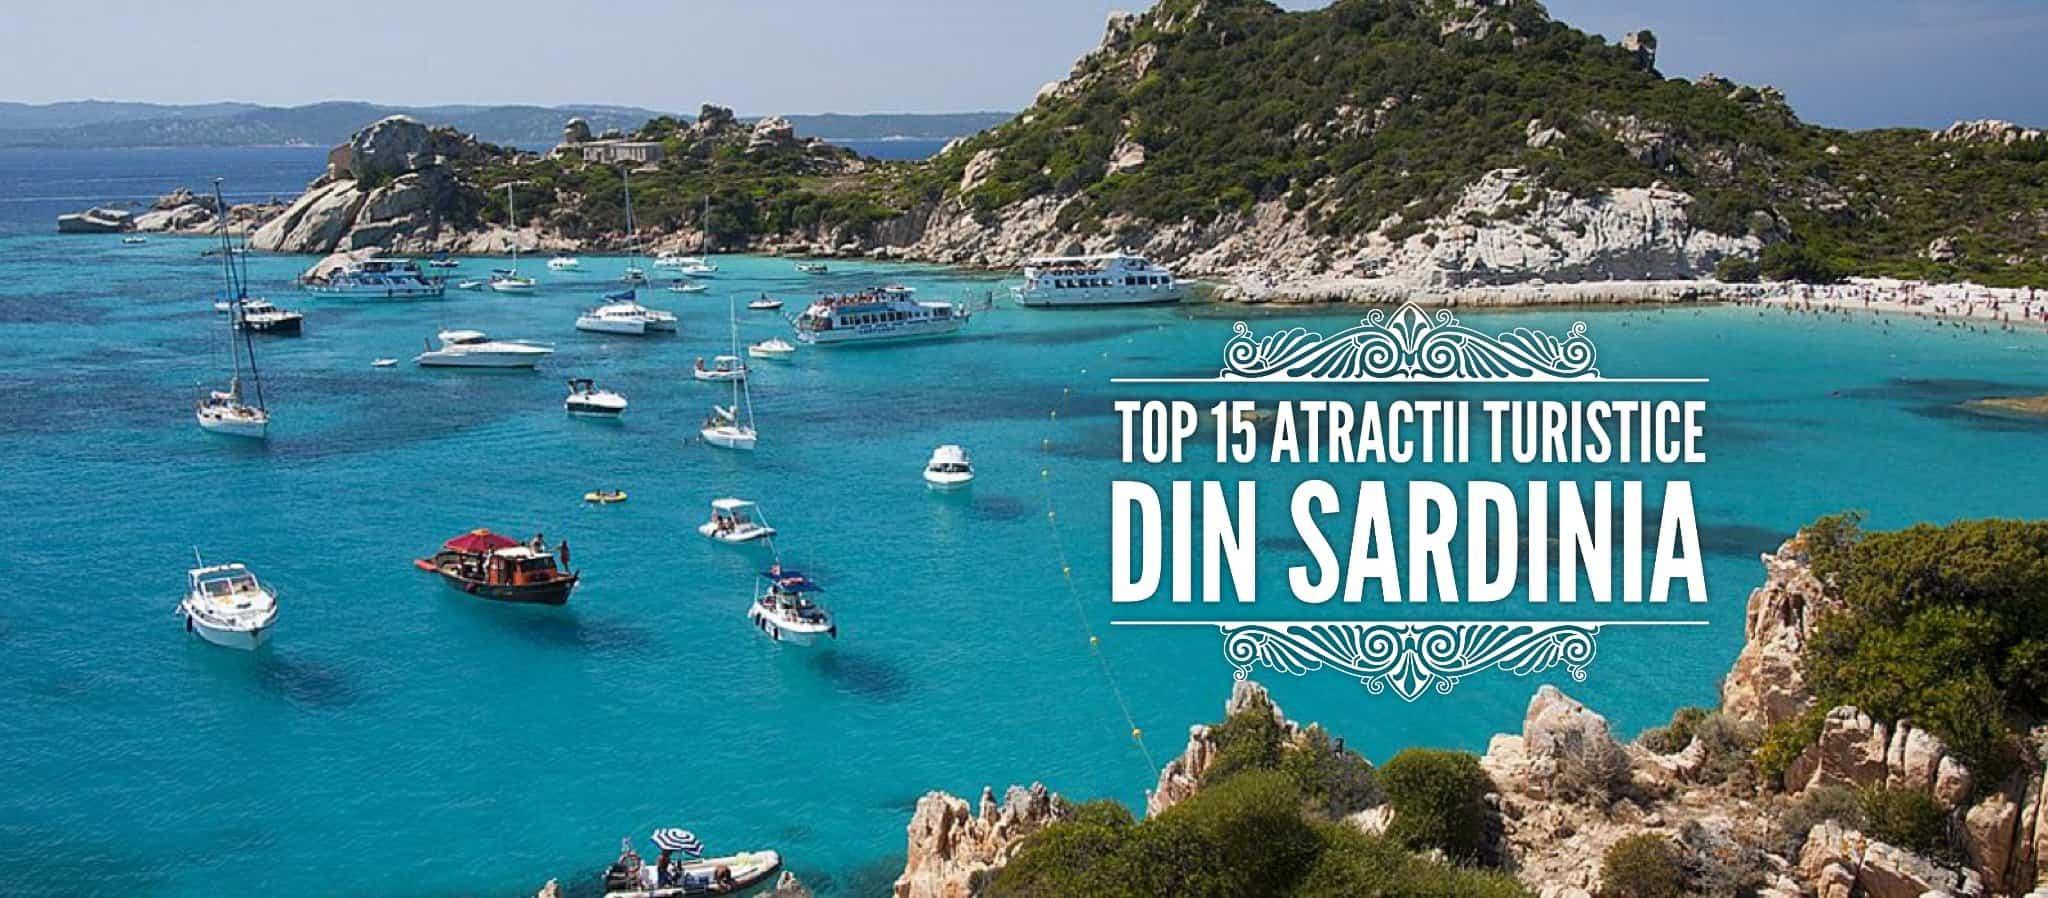 Top 15 Atracții Turistice Din Sardinia